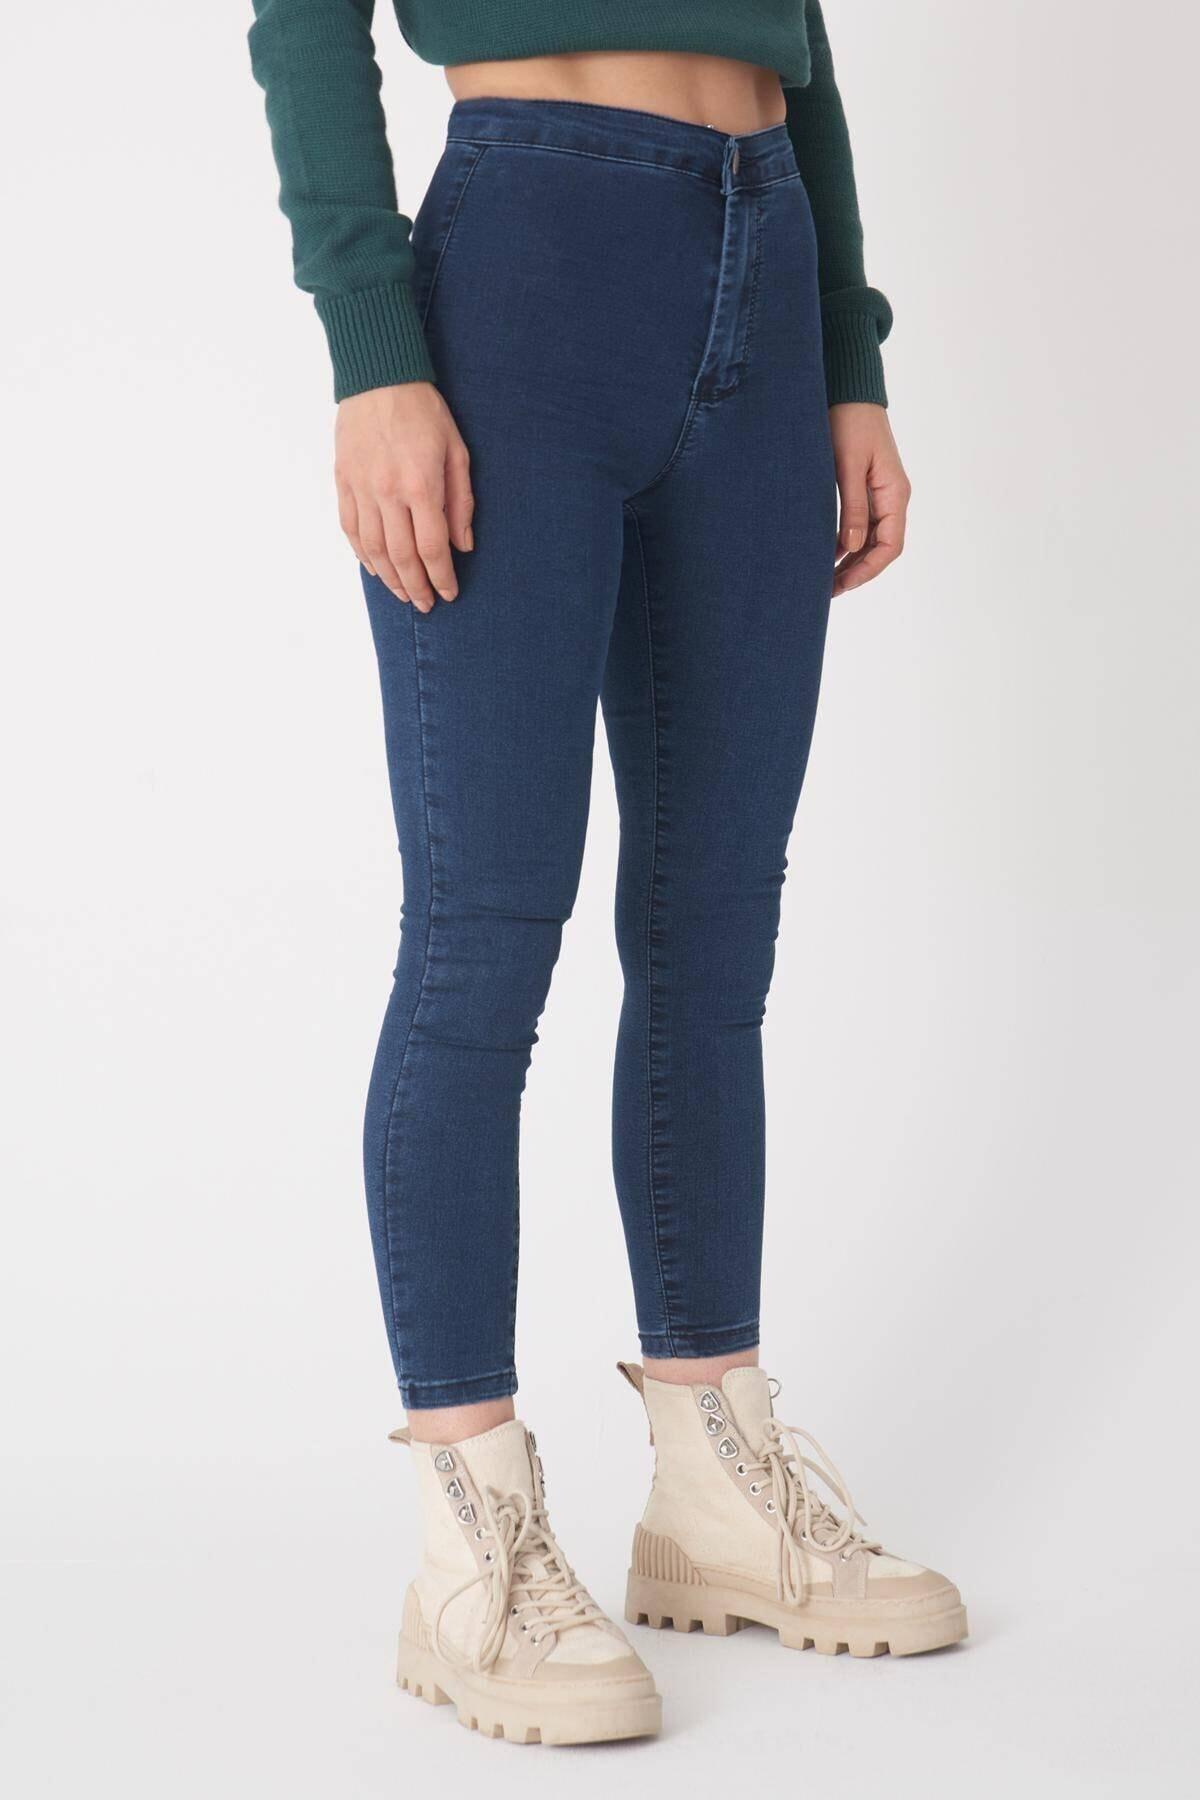 Addax Kadın Koyu Laci Yüksek Bel Pantolon Pn10915 - G8 - Pnn Adx-0000013630 2